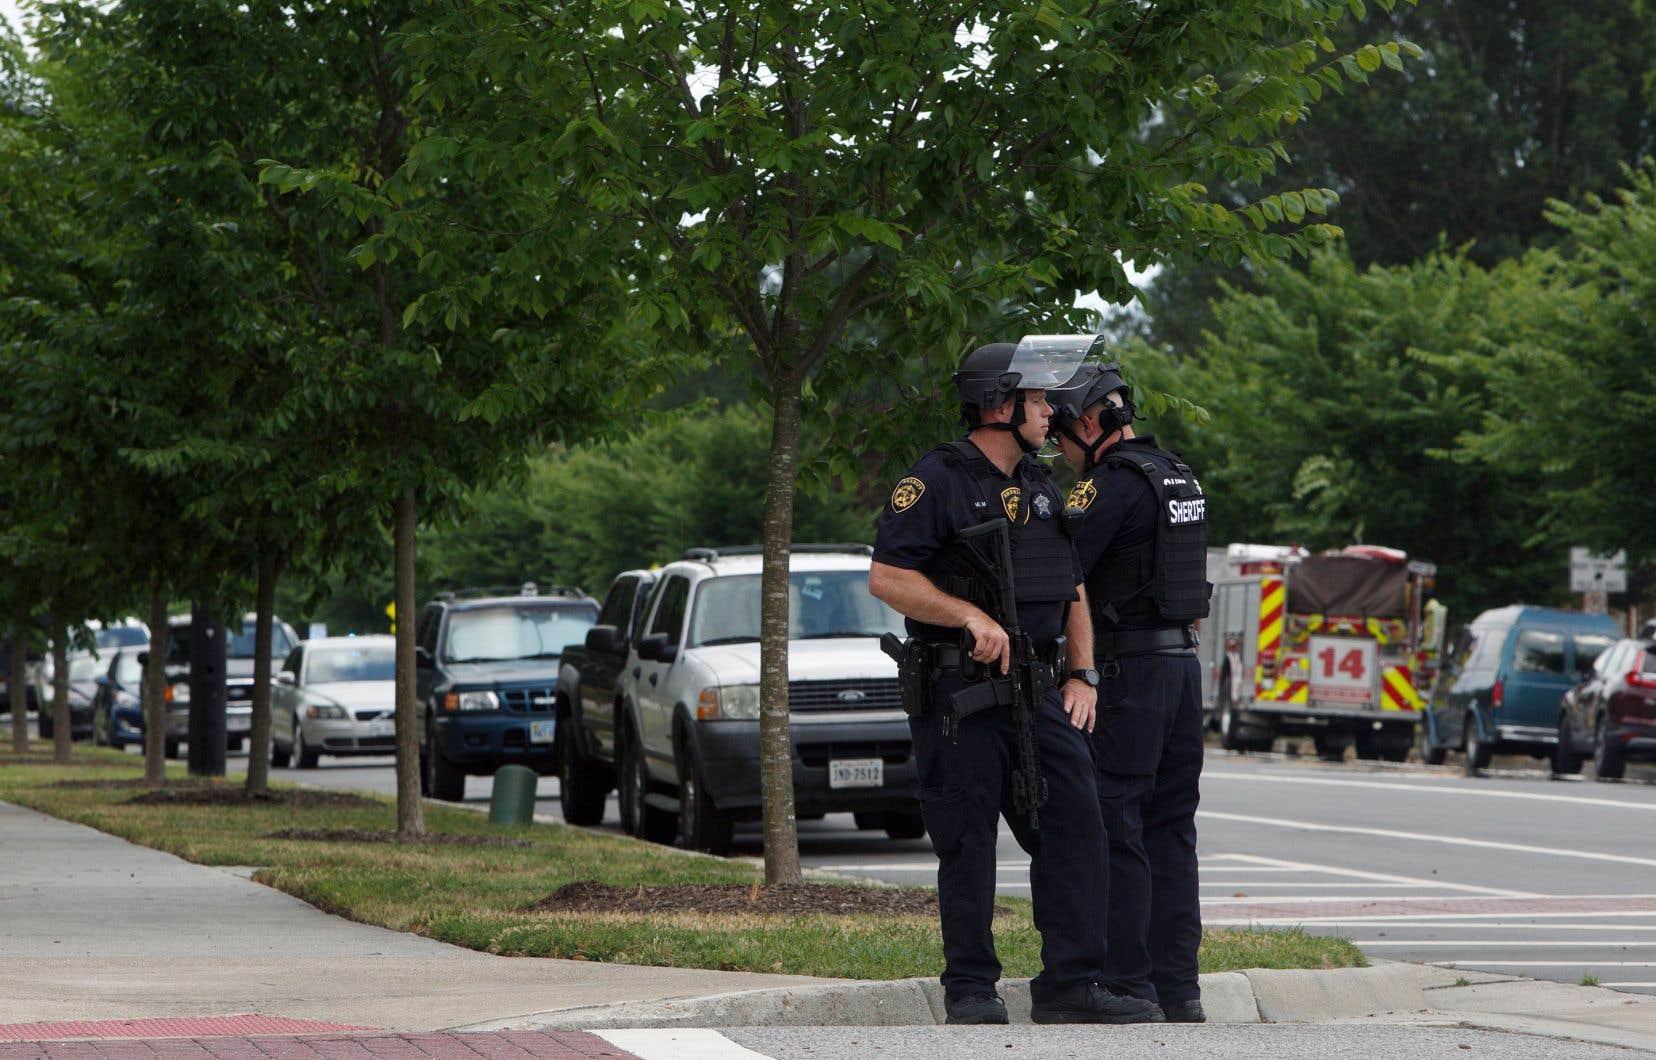 La question des violences armées prend une dimension particulière en Virginie, car c'est dans cet État que siège la National Rifle Association, le premier lobby des armes aux États-Unis.